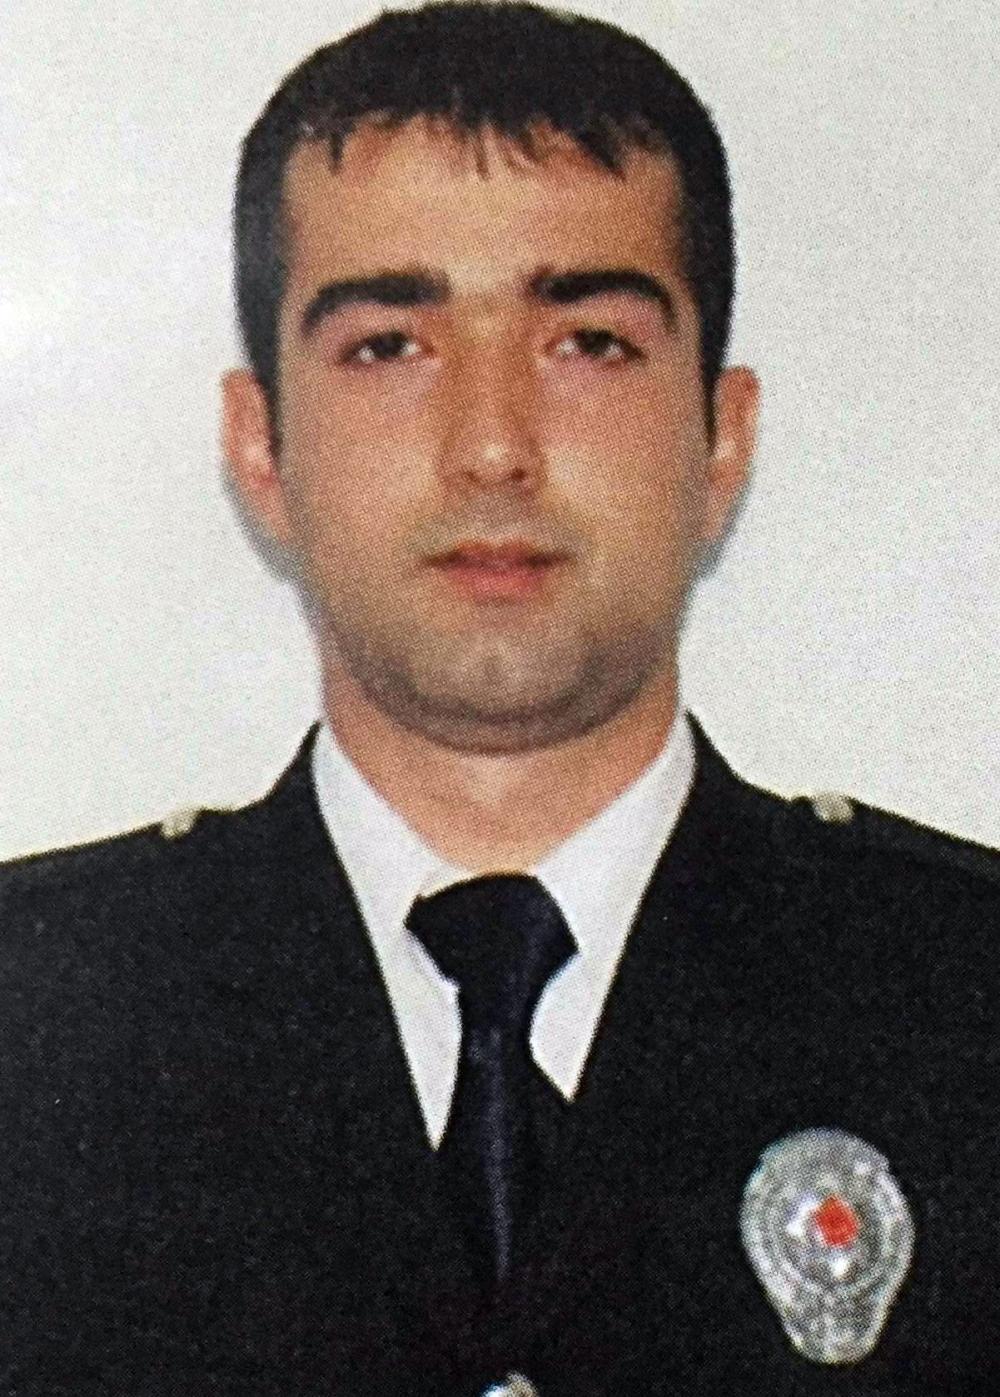 Şehit polis son yolculuğuna uğurlandı 29